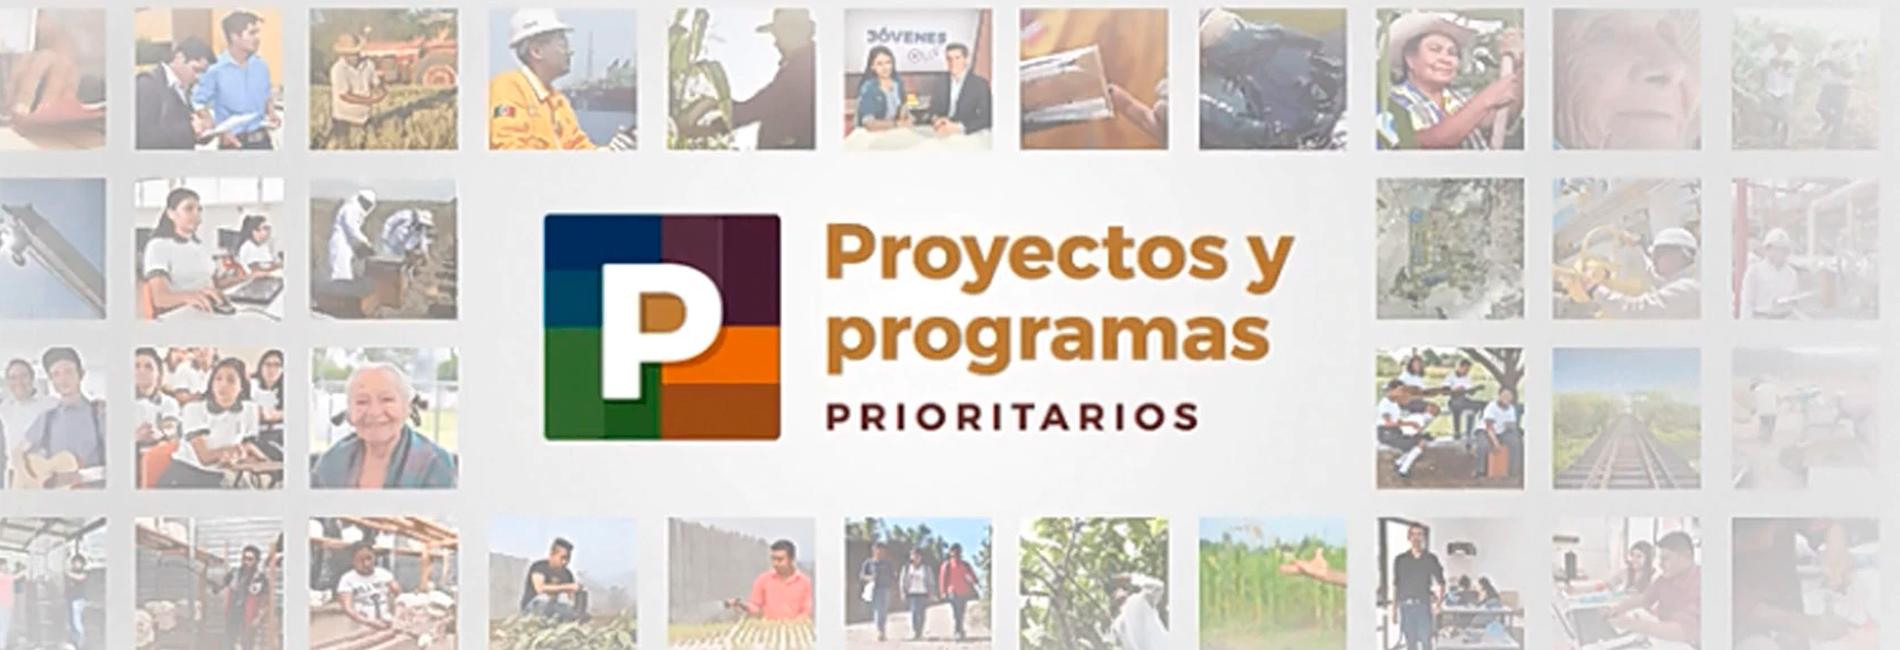 proyectos desarrollo social economía